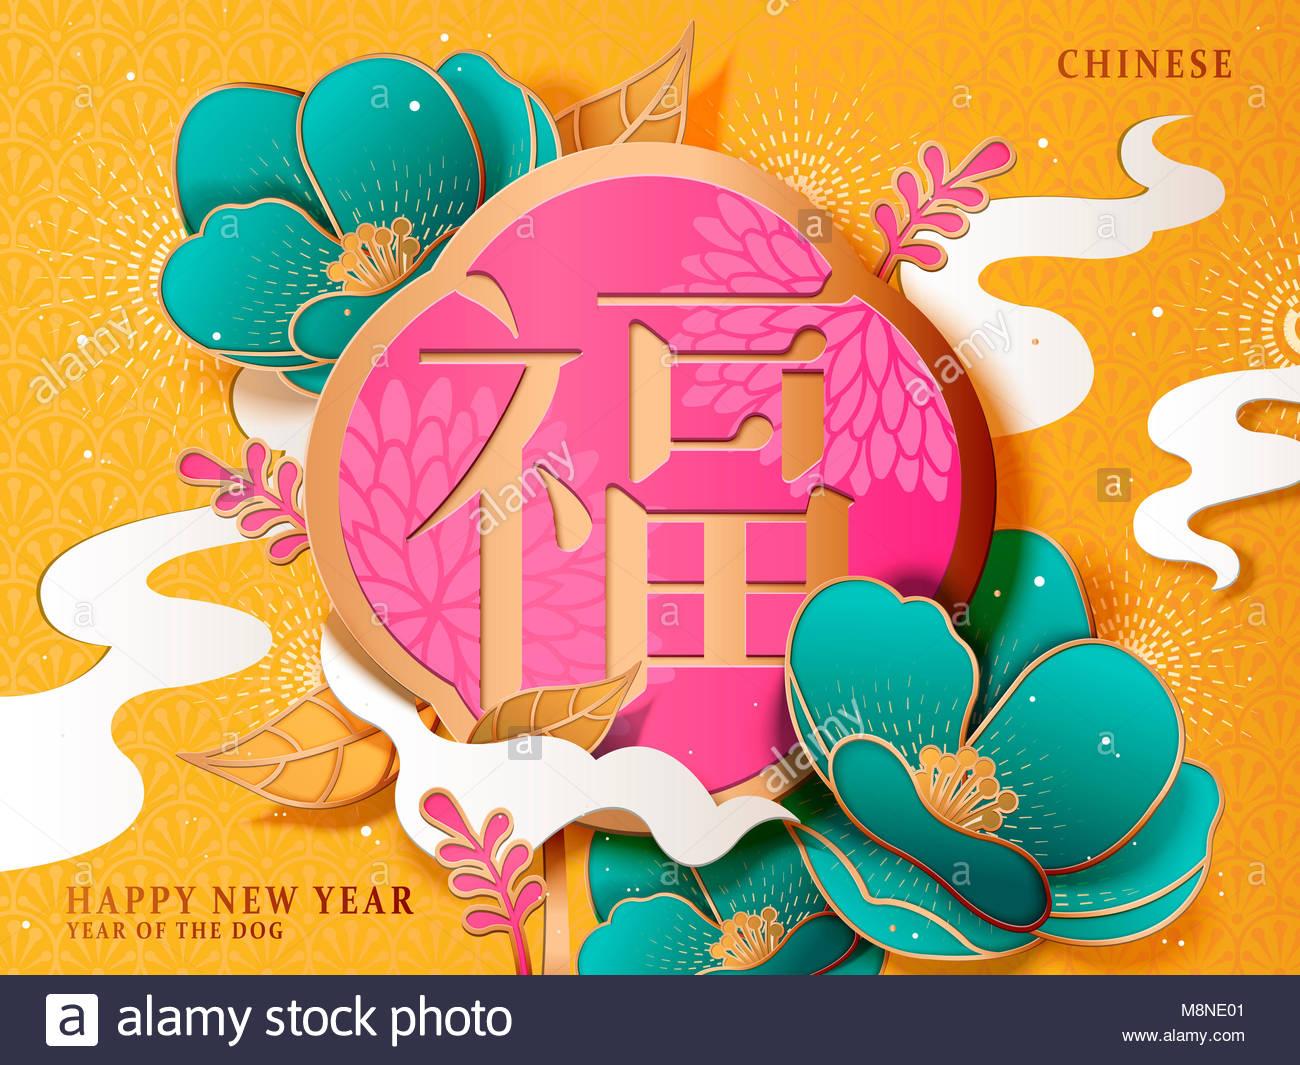 Chinesisches Neues Jahr Poster, Fortune Wort in Chinesisch auf Pink ...